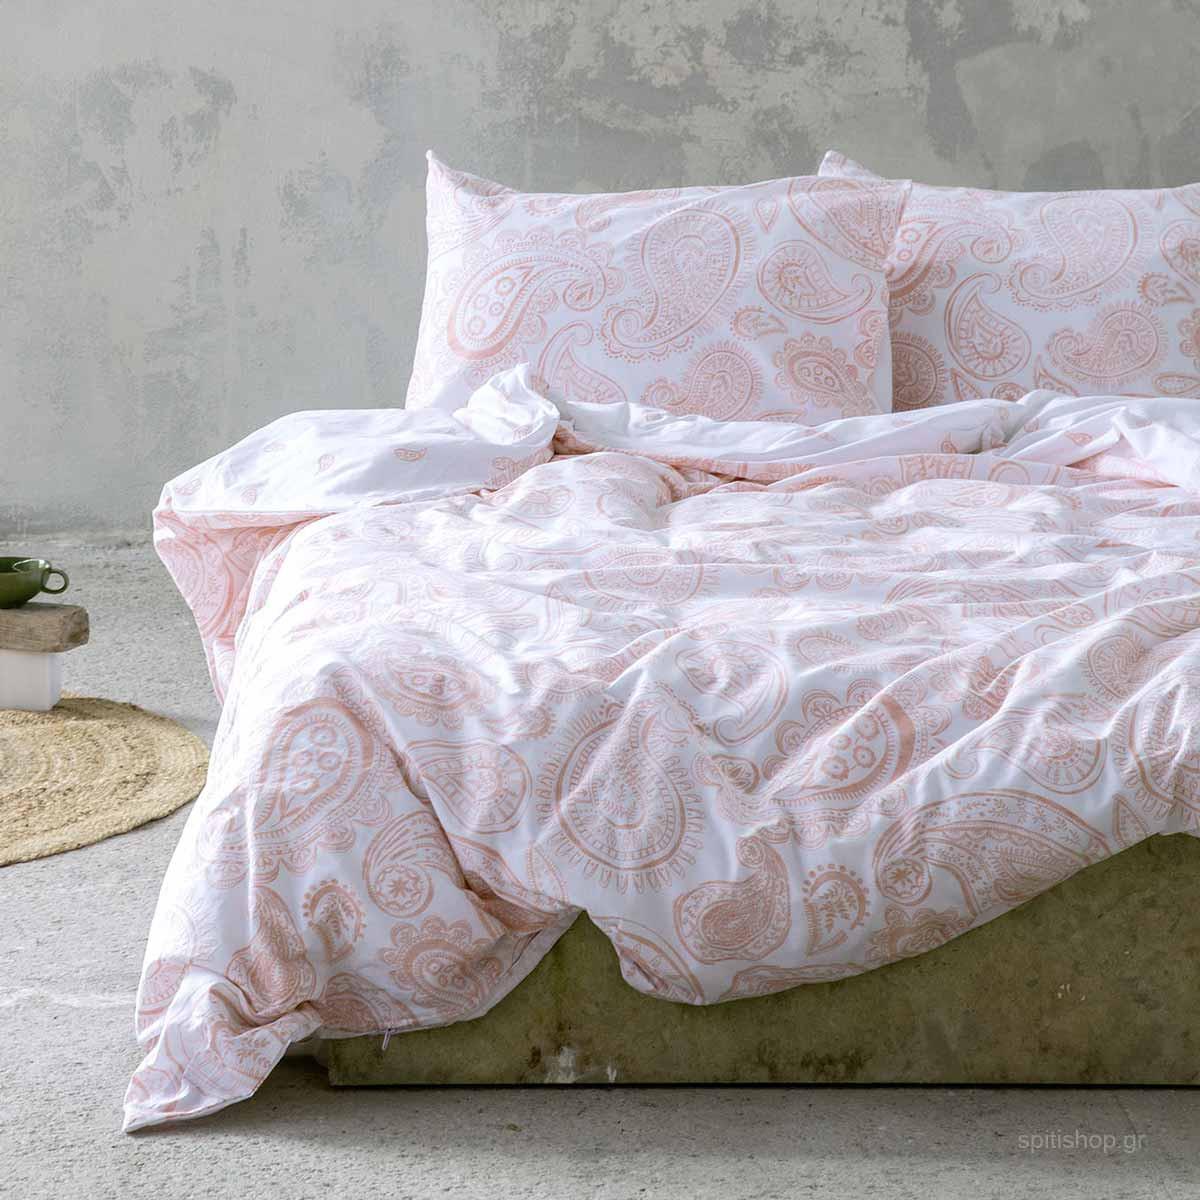 Σεντόνια Υπέρδιπλα (Σετ) Nima Bed Linen Aditti Pink ΧΩΡΙΣ ΛΑΣΤΙΧΟ ΧΩΡΙΣ ΛΑΣΤΙΧΟ